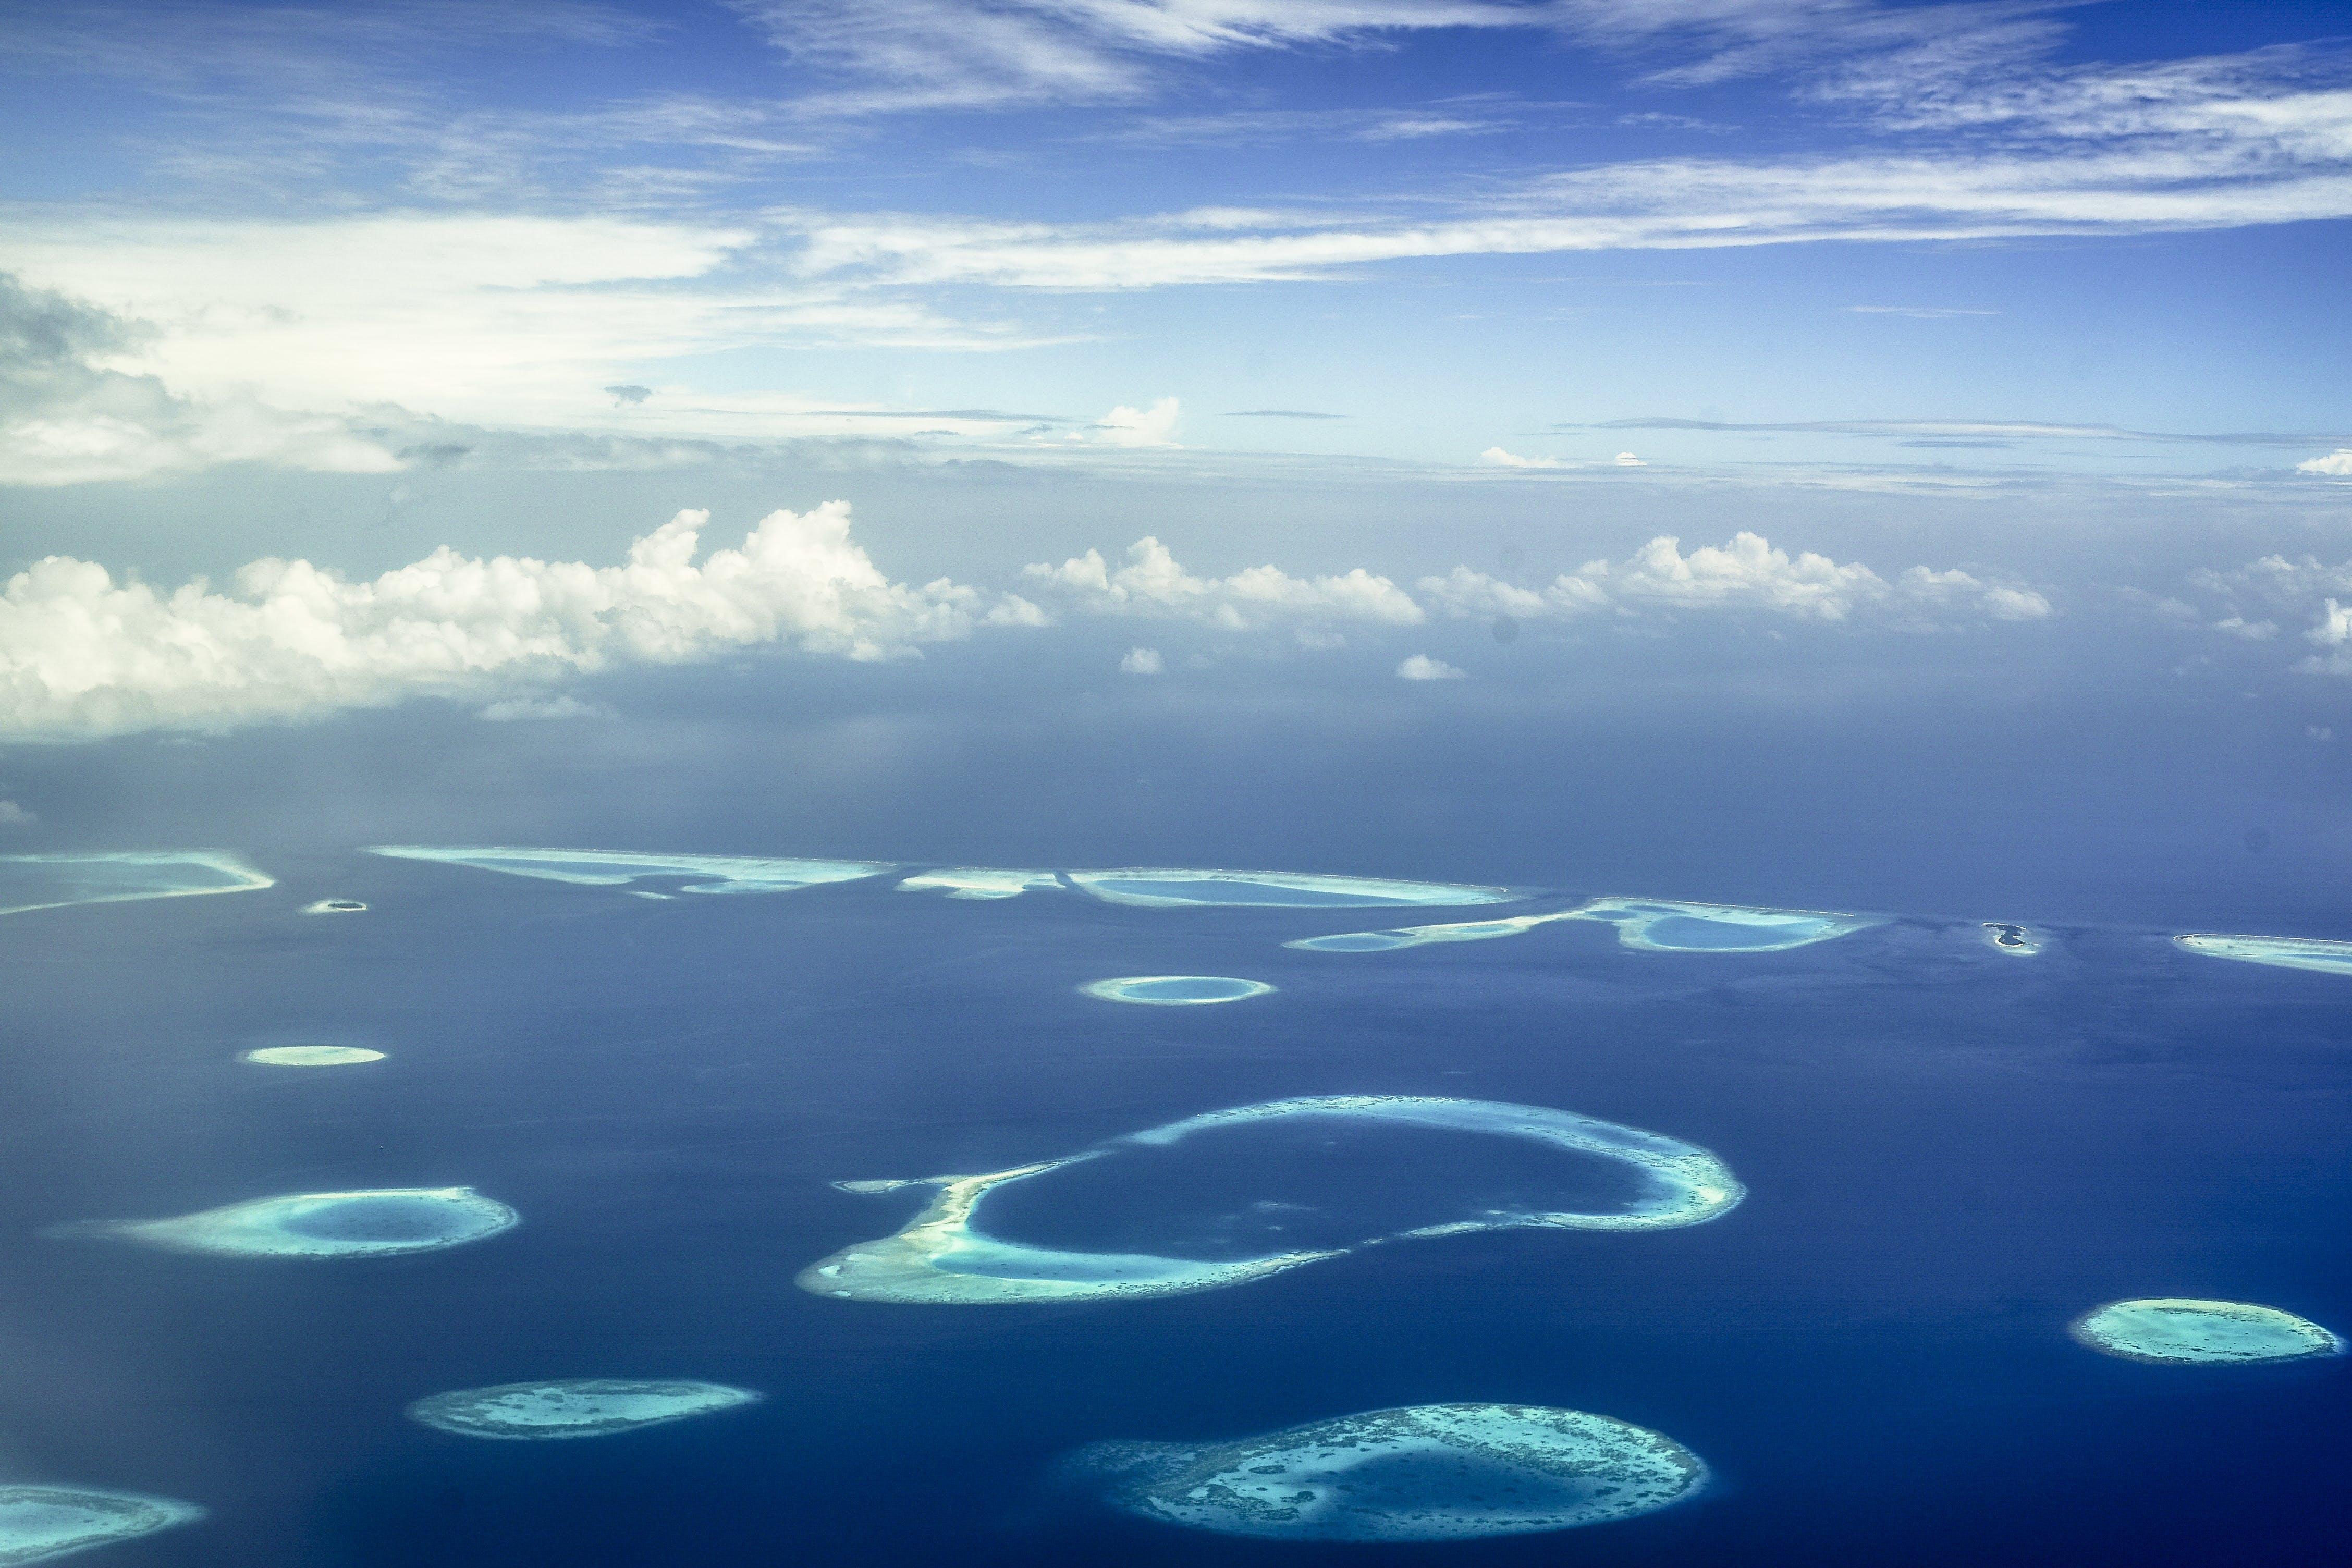 Ilmainen kuvapankkikuva tunnisteilla hiekka, horisontti, lintuperspektiivi, luonto